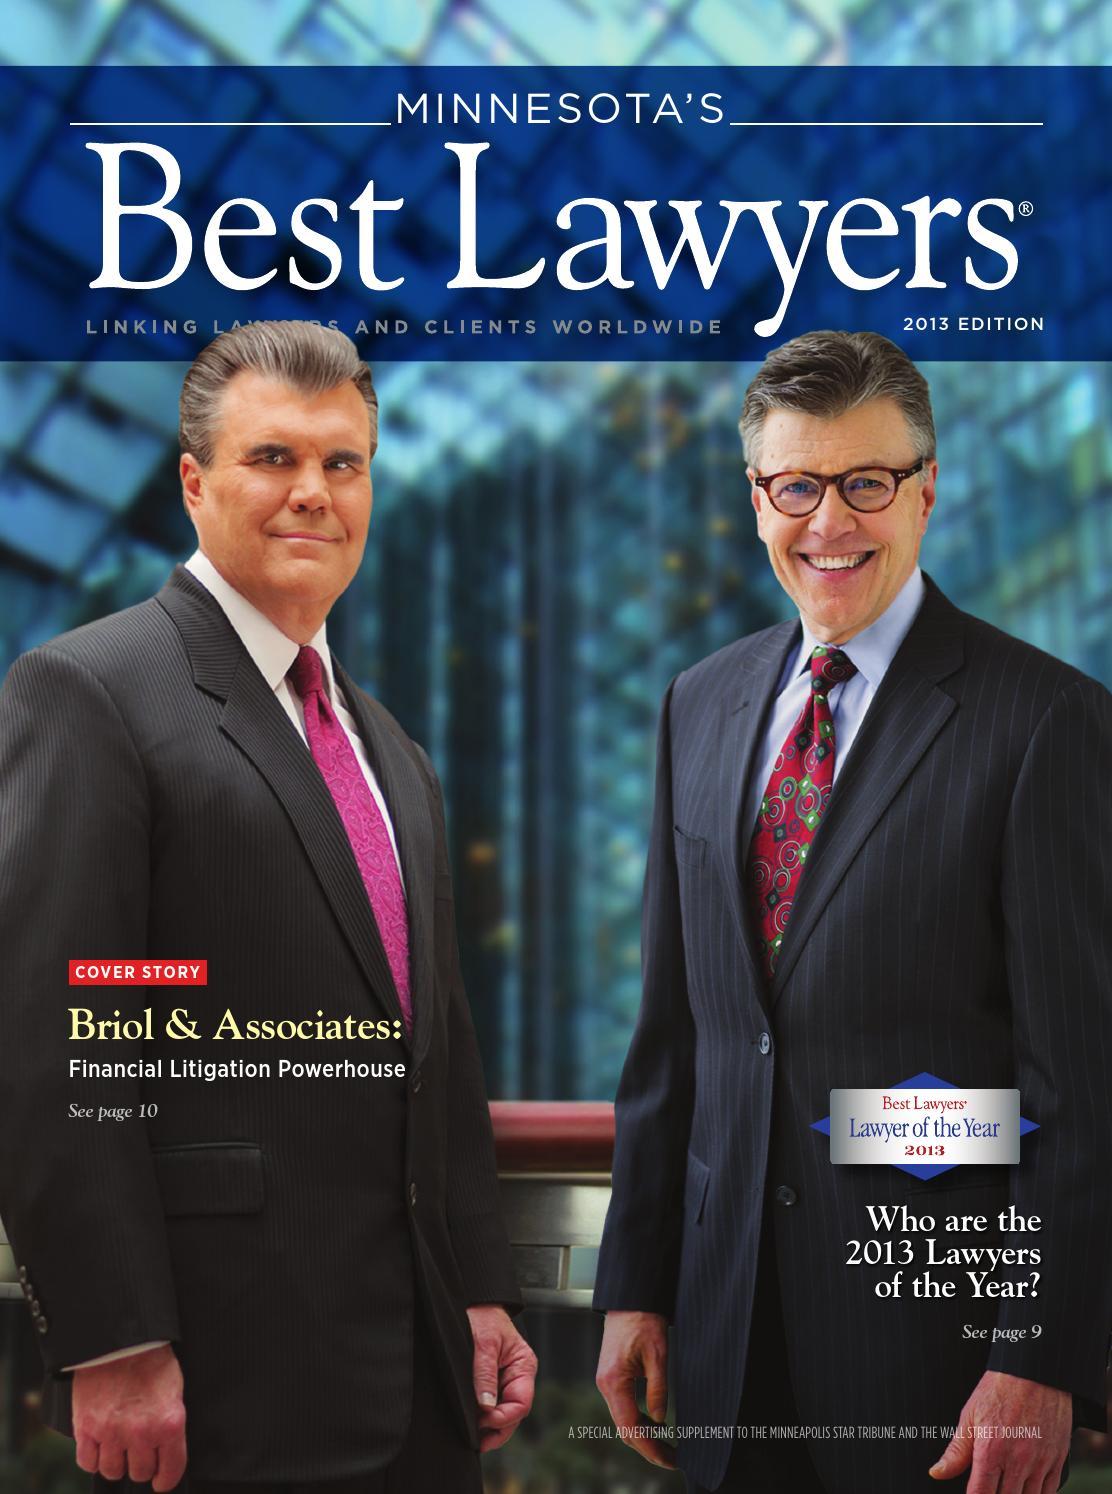 Minnesota's Best Lawyers 2013